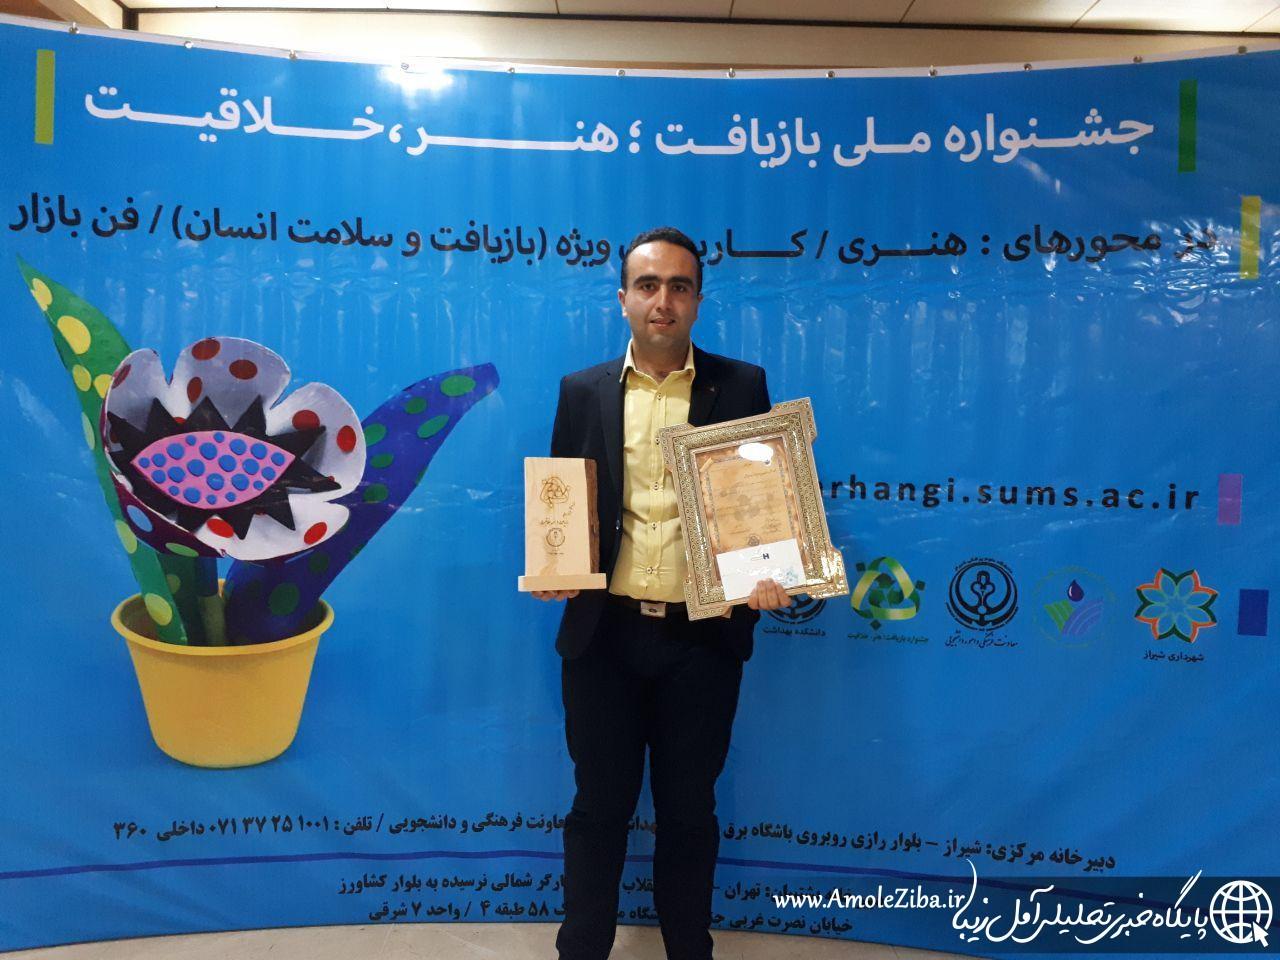 درخشش سازمان مدیریت پسماند شهرداری آمل در نخستین جشنواره ملی بازیافت ایران